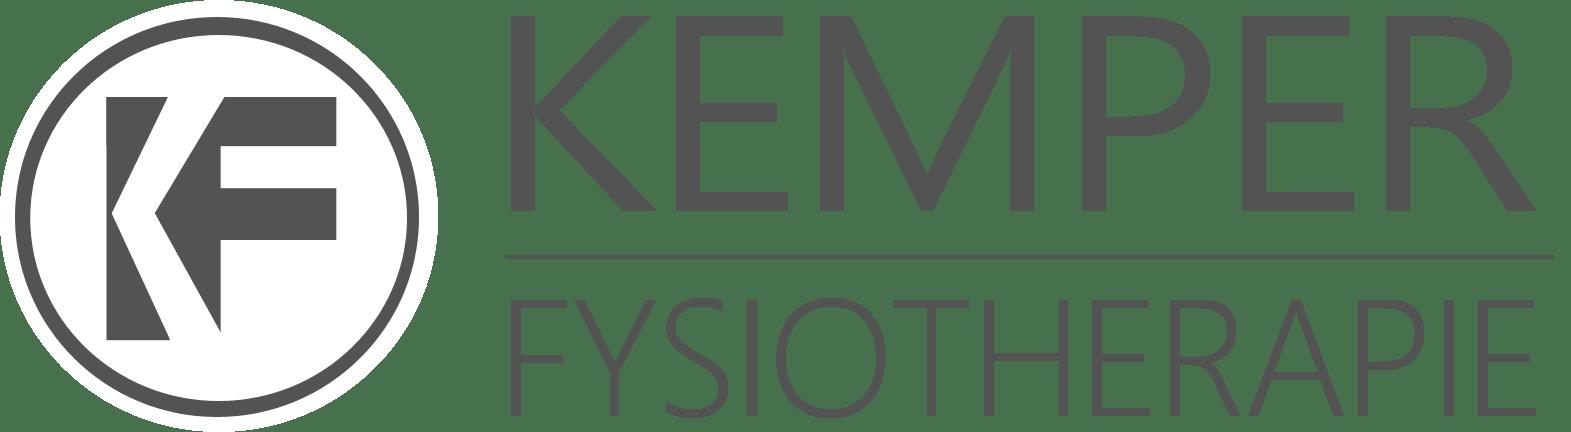 Kemper Fysiotherapie in Eindhoven Centrum